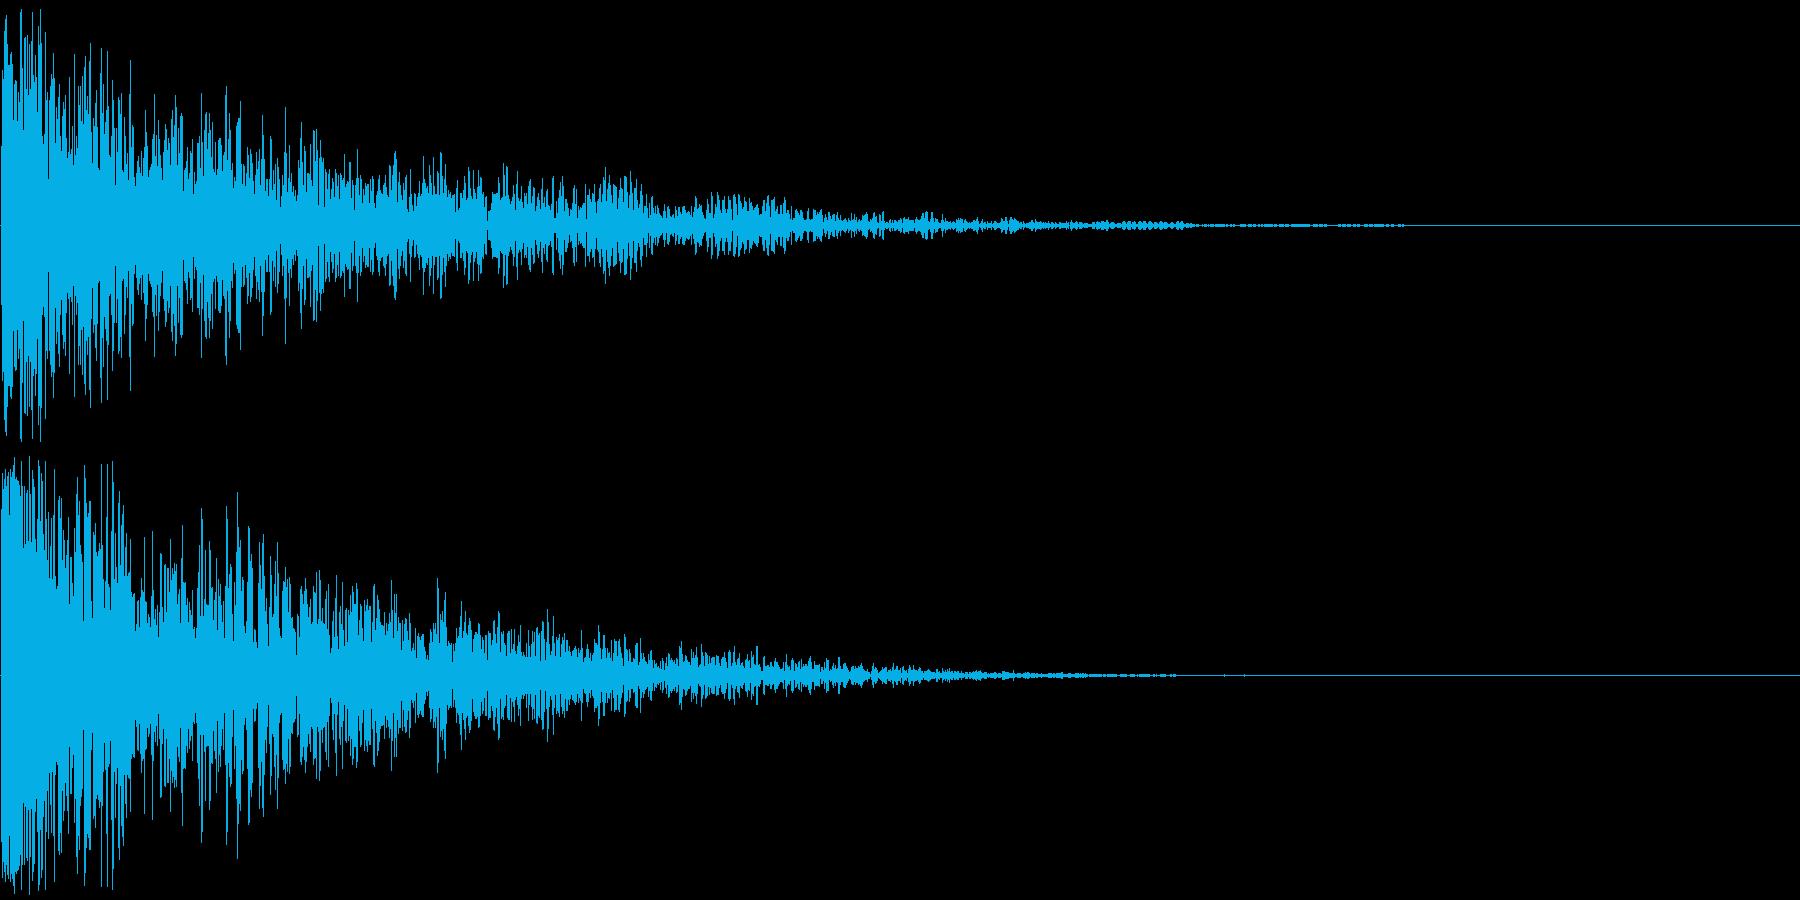 【ゲーム】ガンアクション_14 銃発砲の再生済みの波形